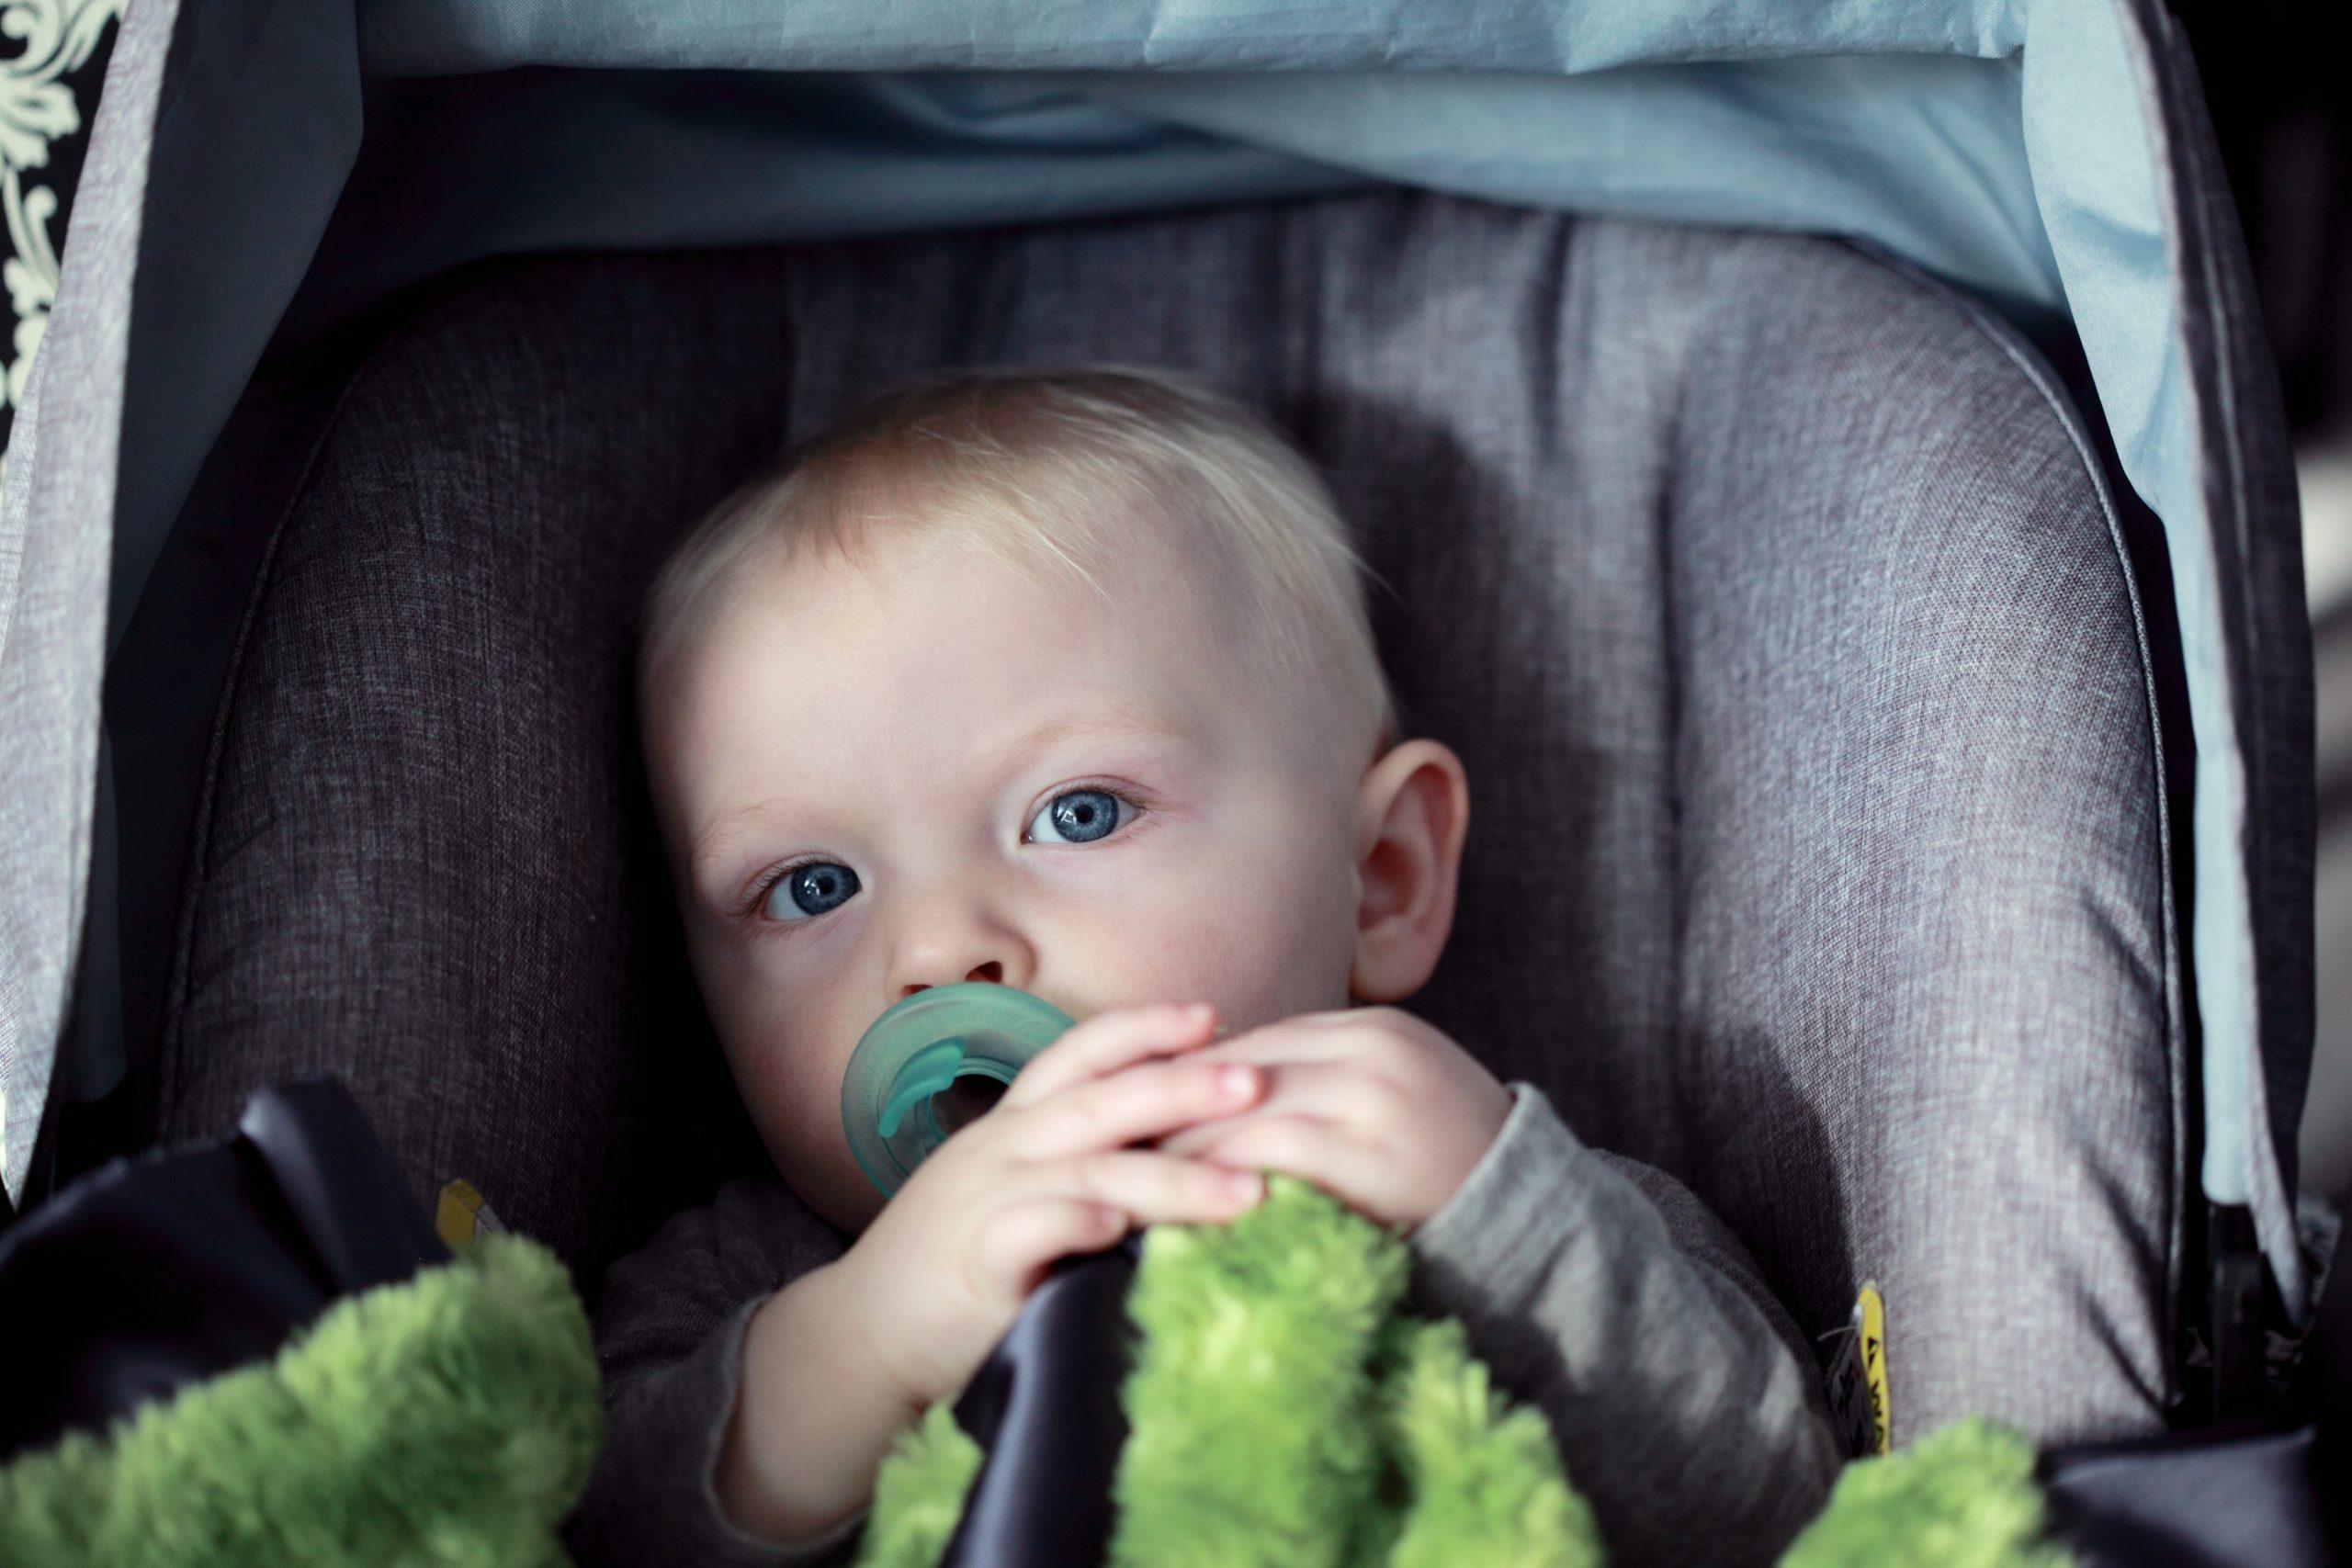 Seggiolino auto per bambini, tutte le info per viaggi in sicurezza